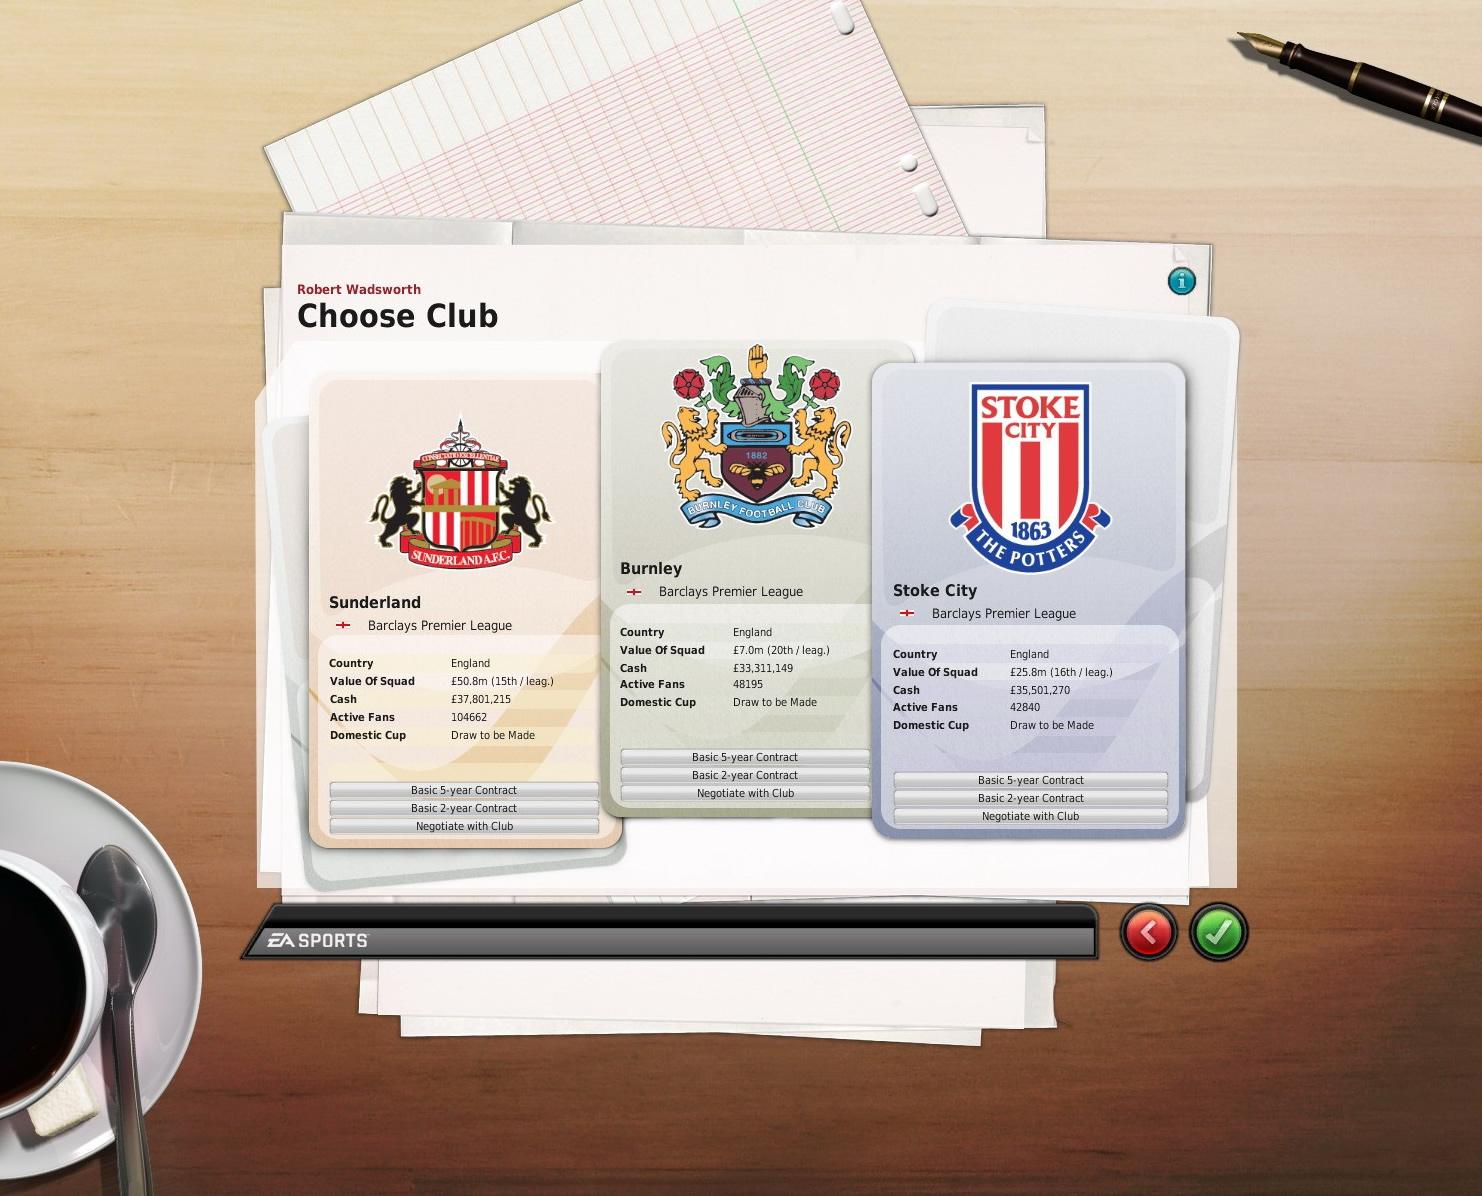 クラブ選択画面